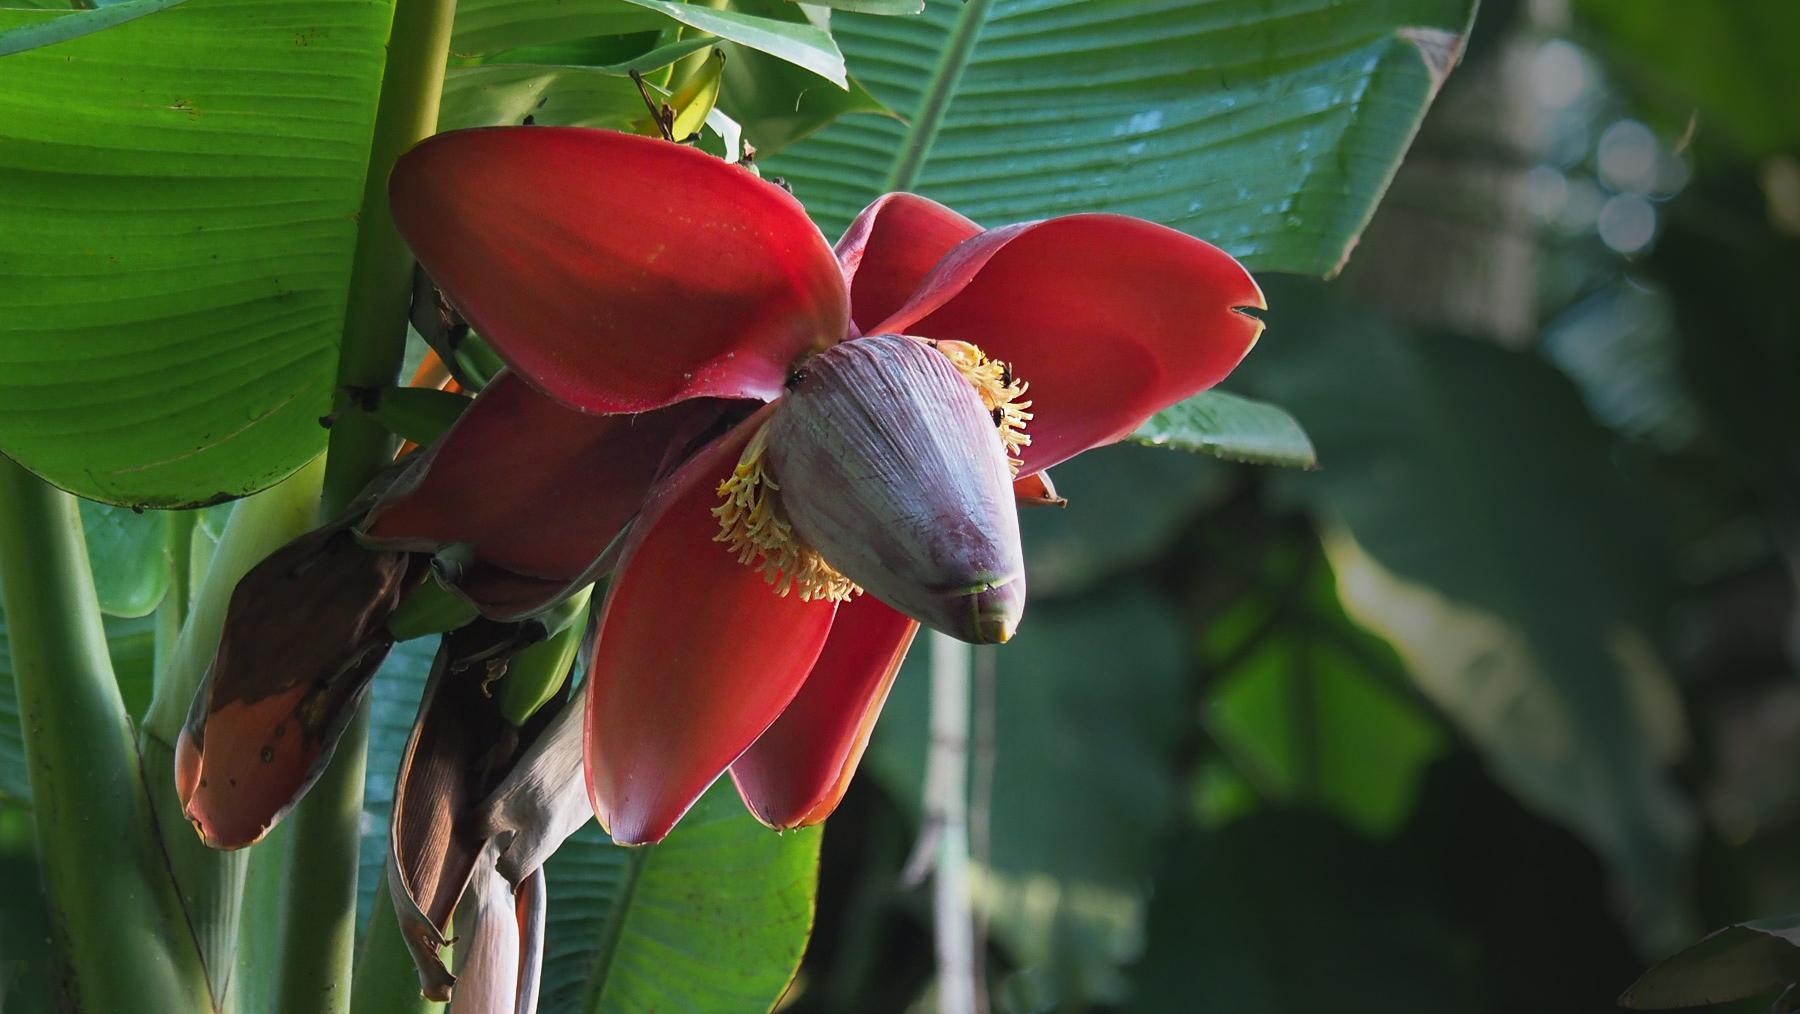 Bananen-Blüte